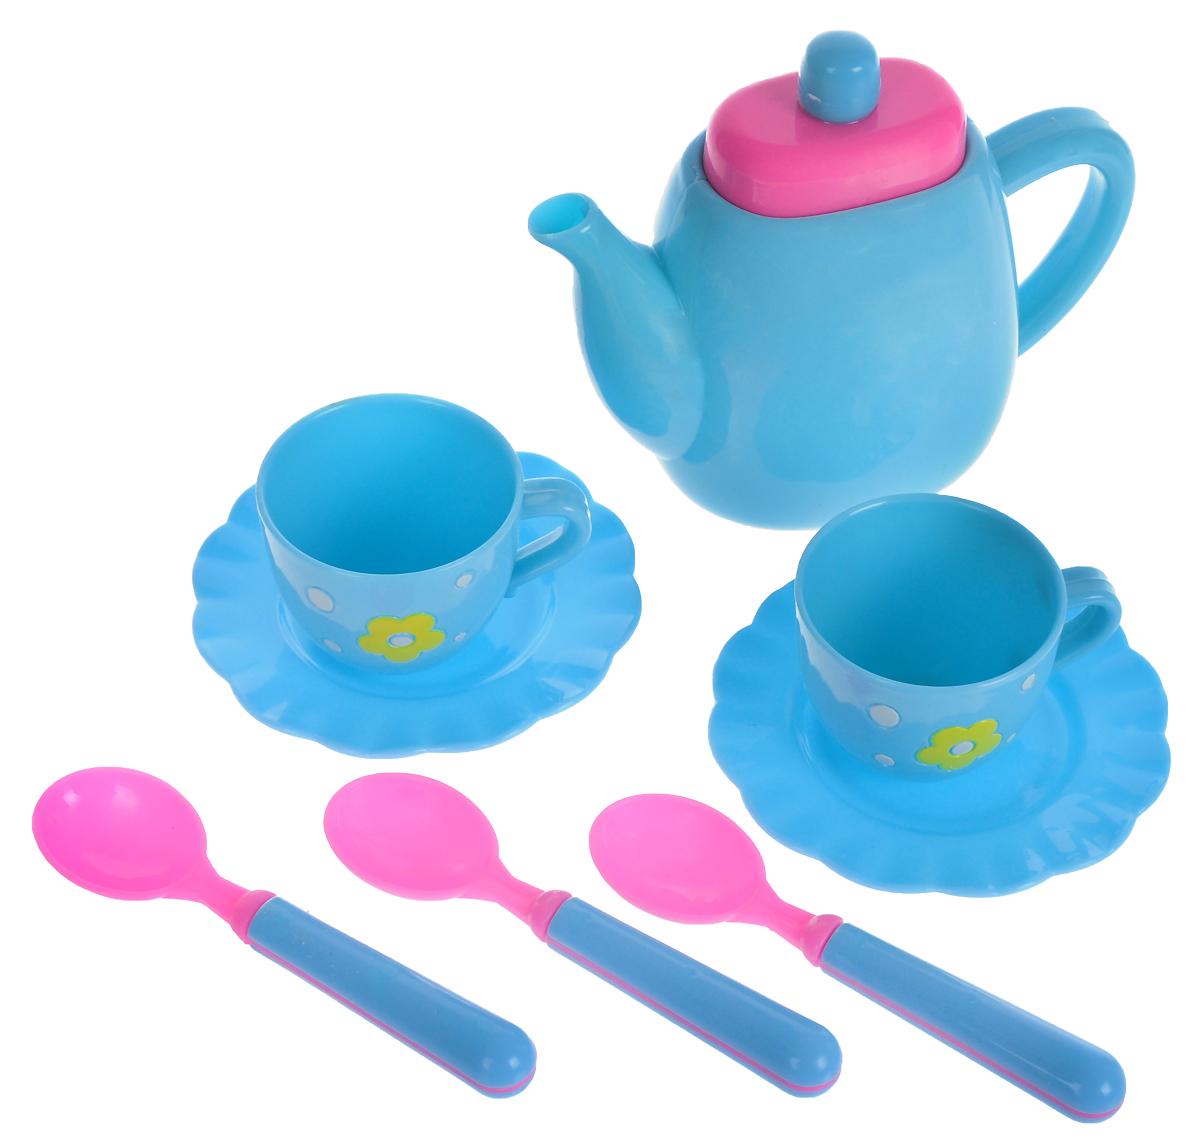 Ami&Co Игровой набор Чайная посуда 50331